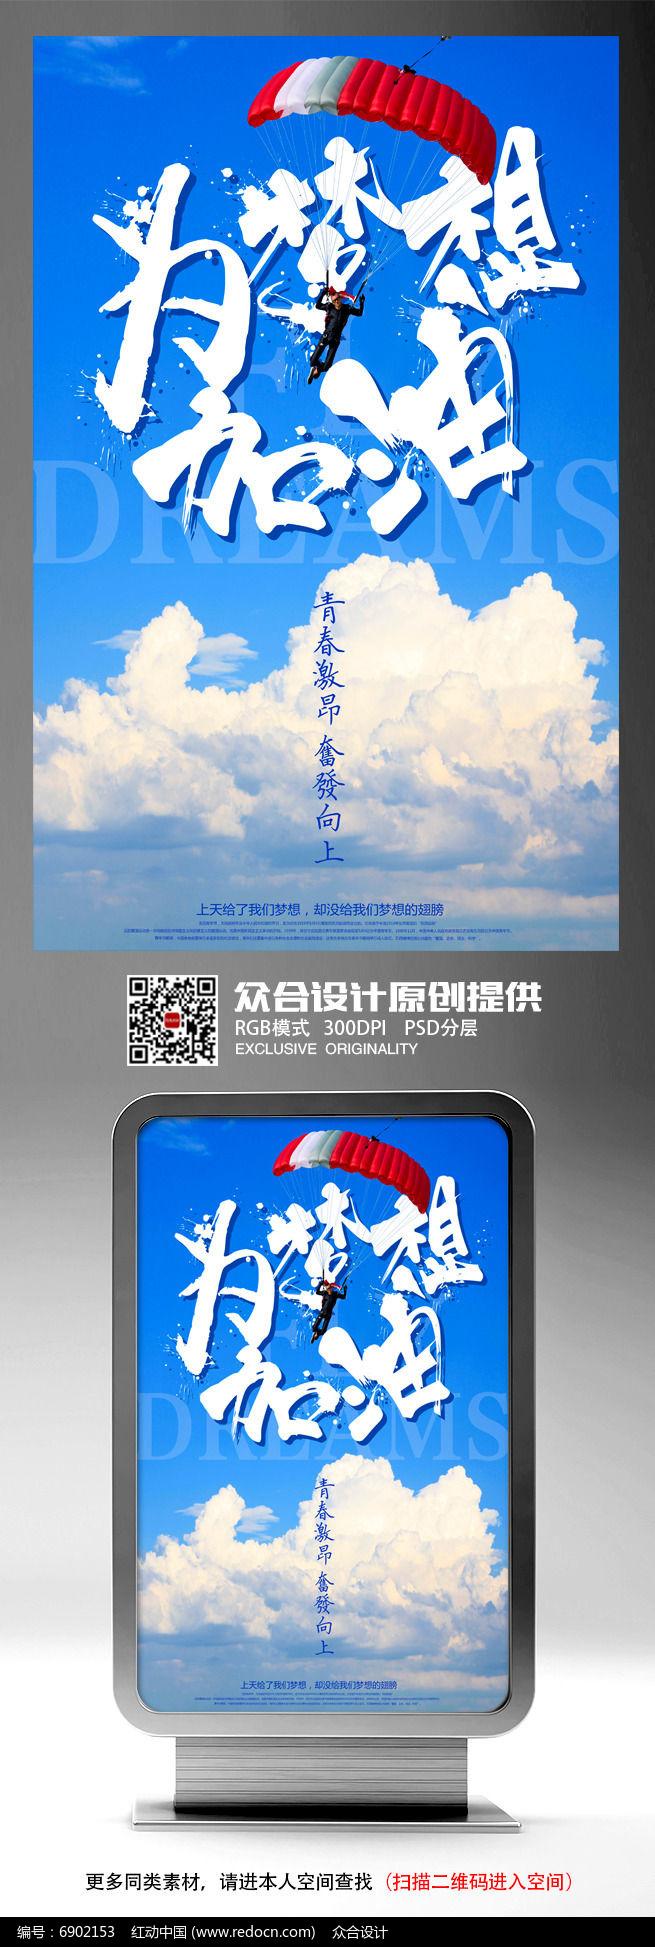 原创设计稿 海报设计/宣传单/广告牌 海报设计 蓝色创意为梦想加油图片